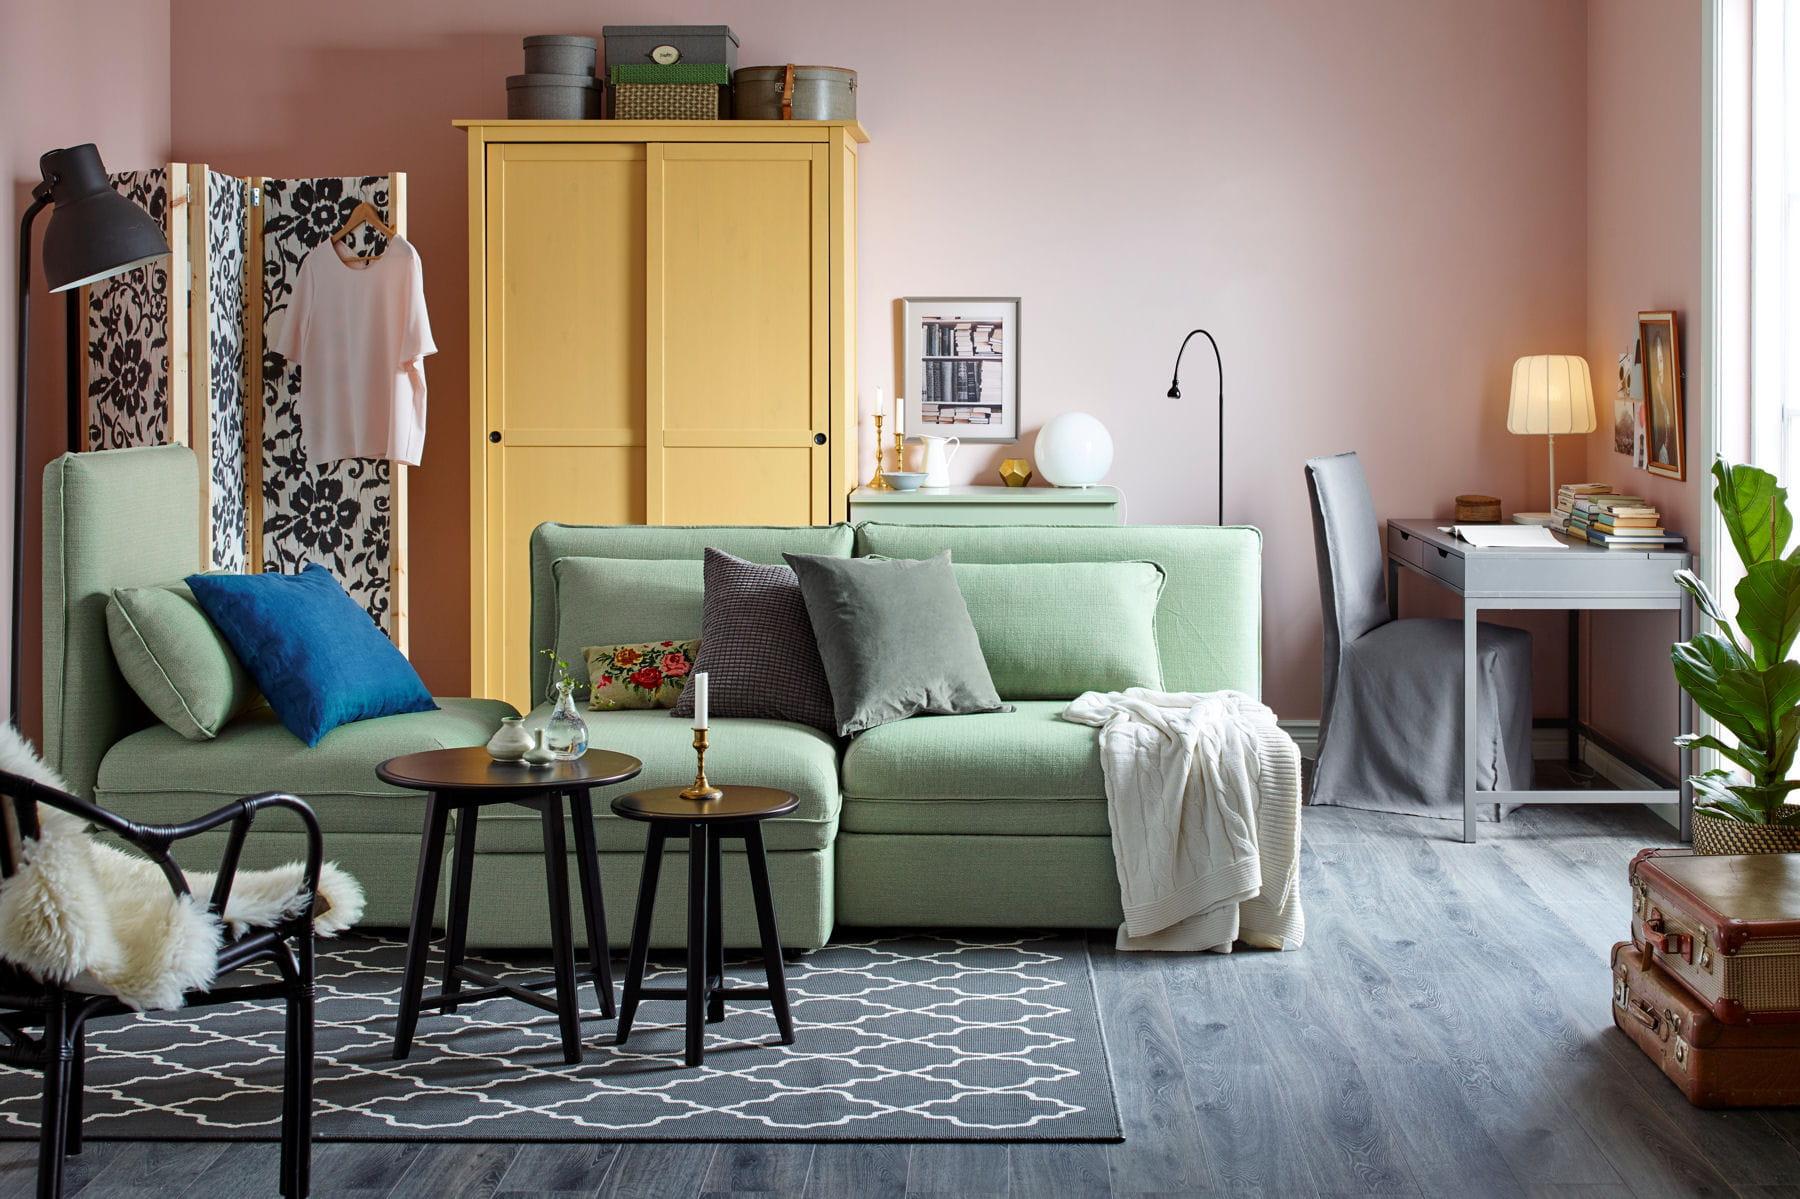 catalogue ikea 2017 date de sortie catalogue cuisine et salle de bains toutes les infos. Black Bedroom Furniture Sets. Home Design Ideas